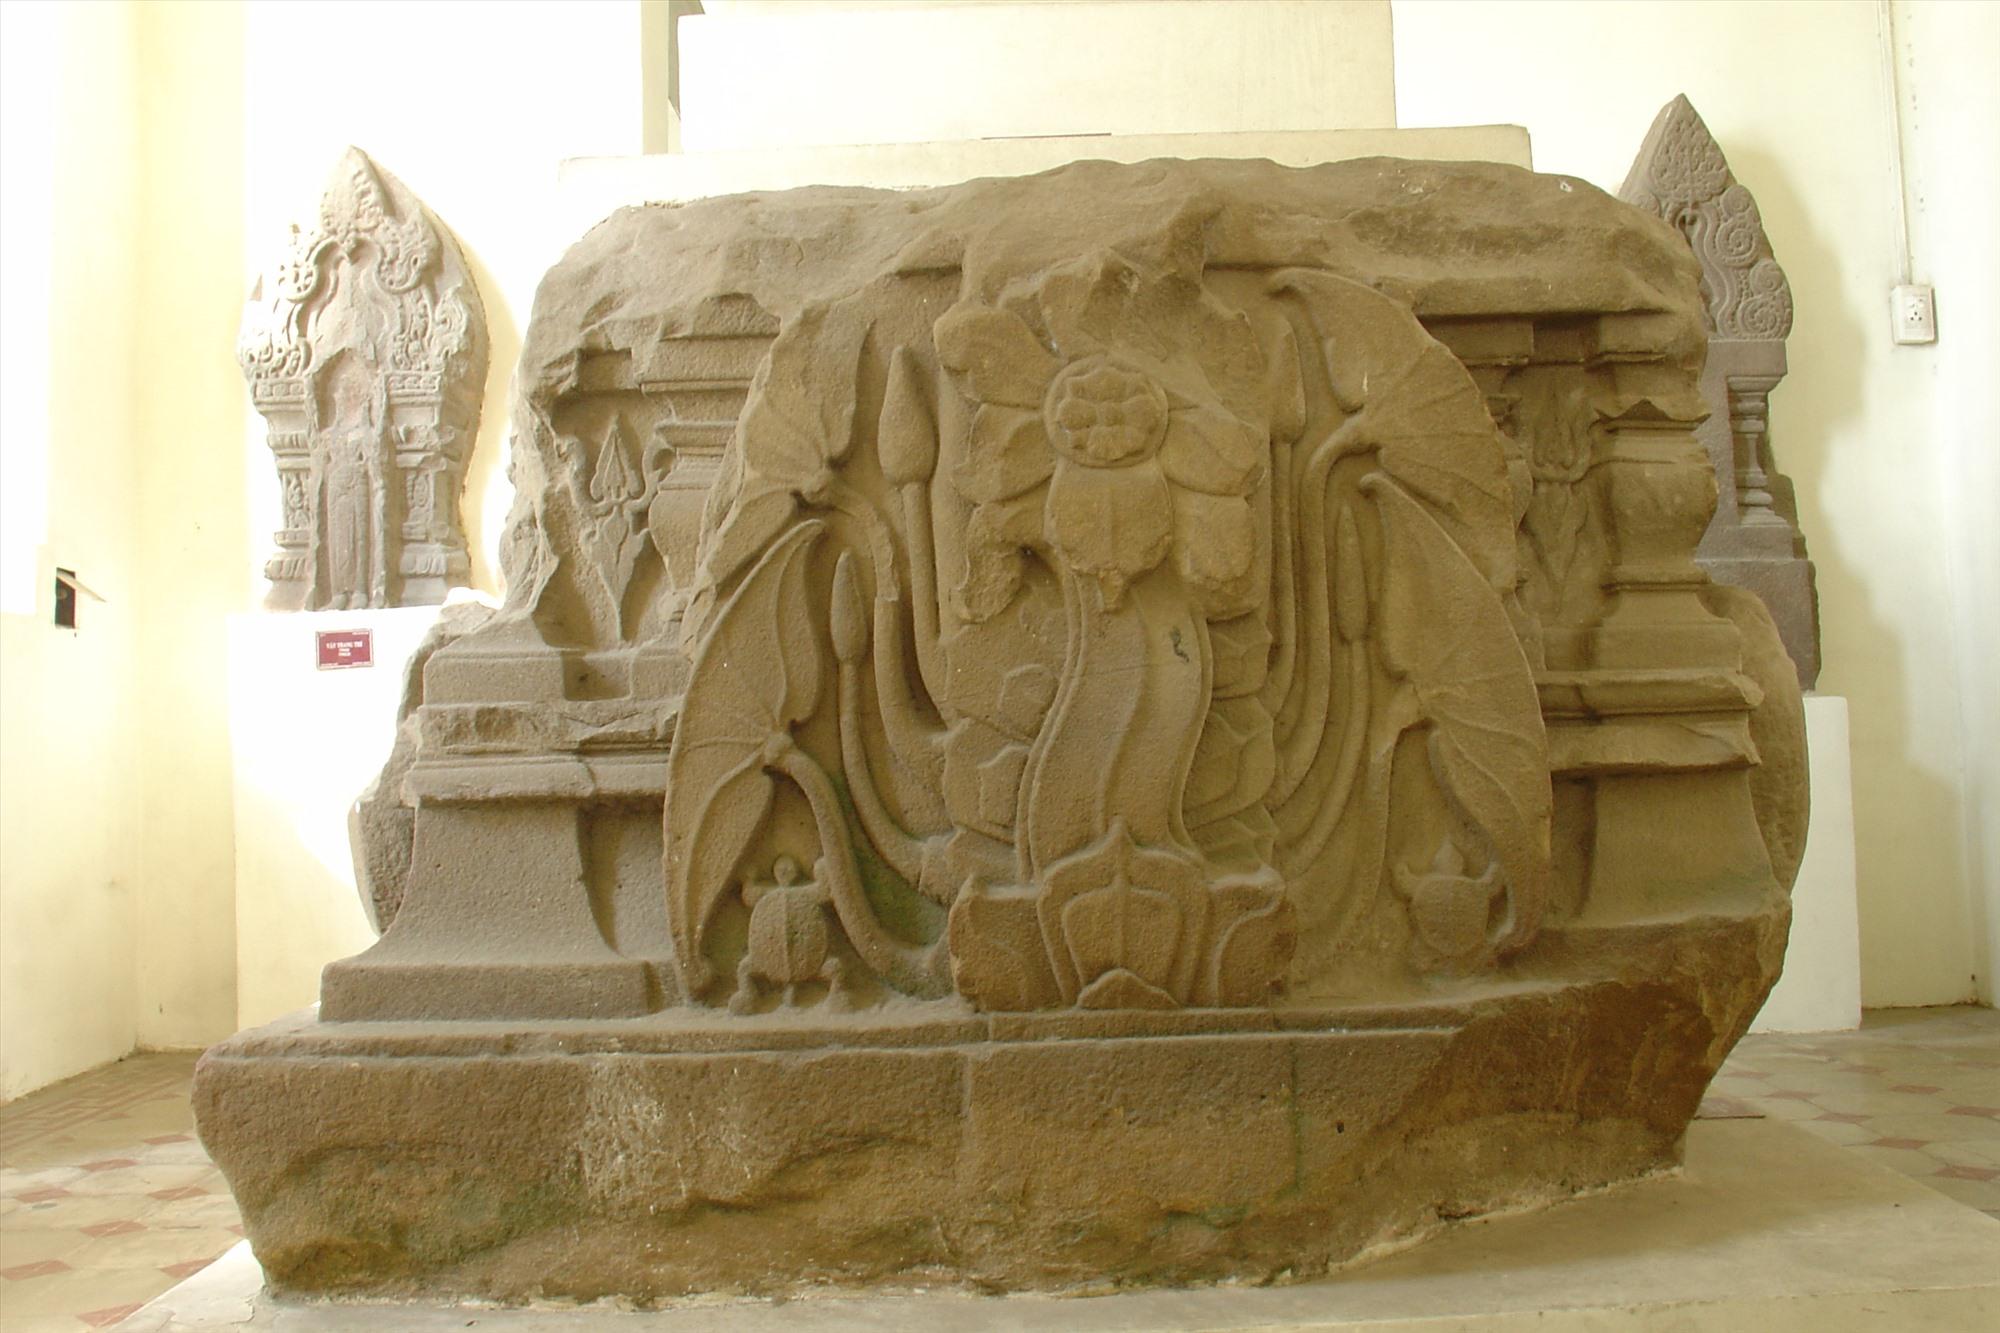 Đóa sen nở tượng trưng cho thế trận Hoa sen (Padmavyuha) của phe Pandavas; và hai con rùa tượng trưng cho thế trận con Rùa (Kurmavyuha) của phe Kauravas.